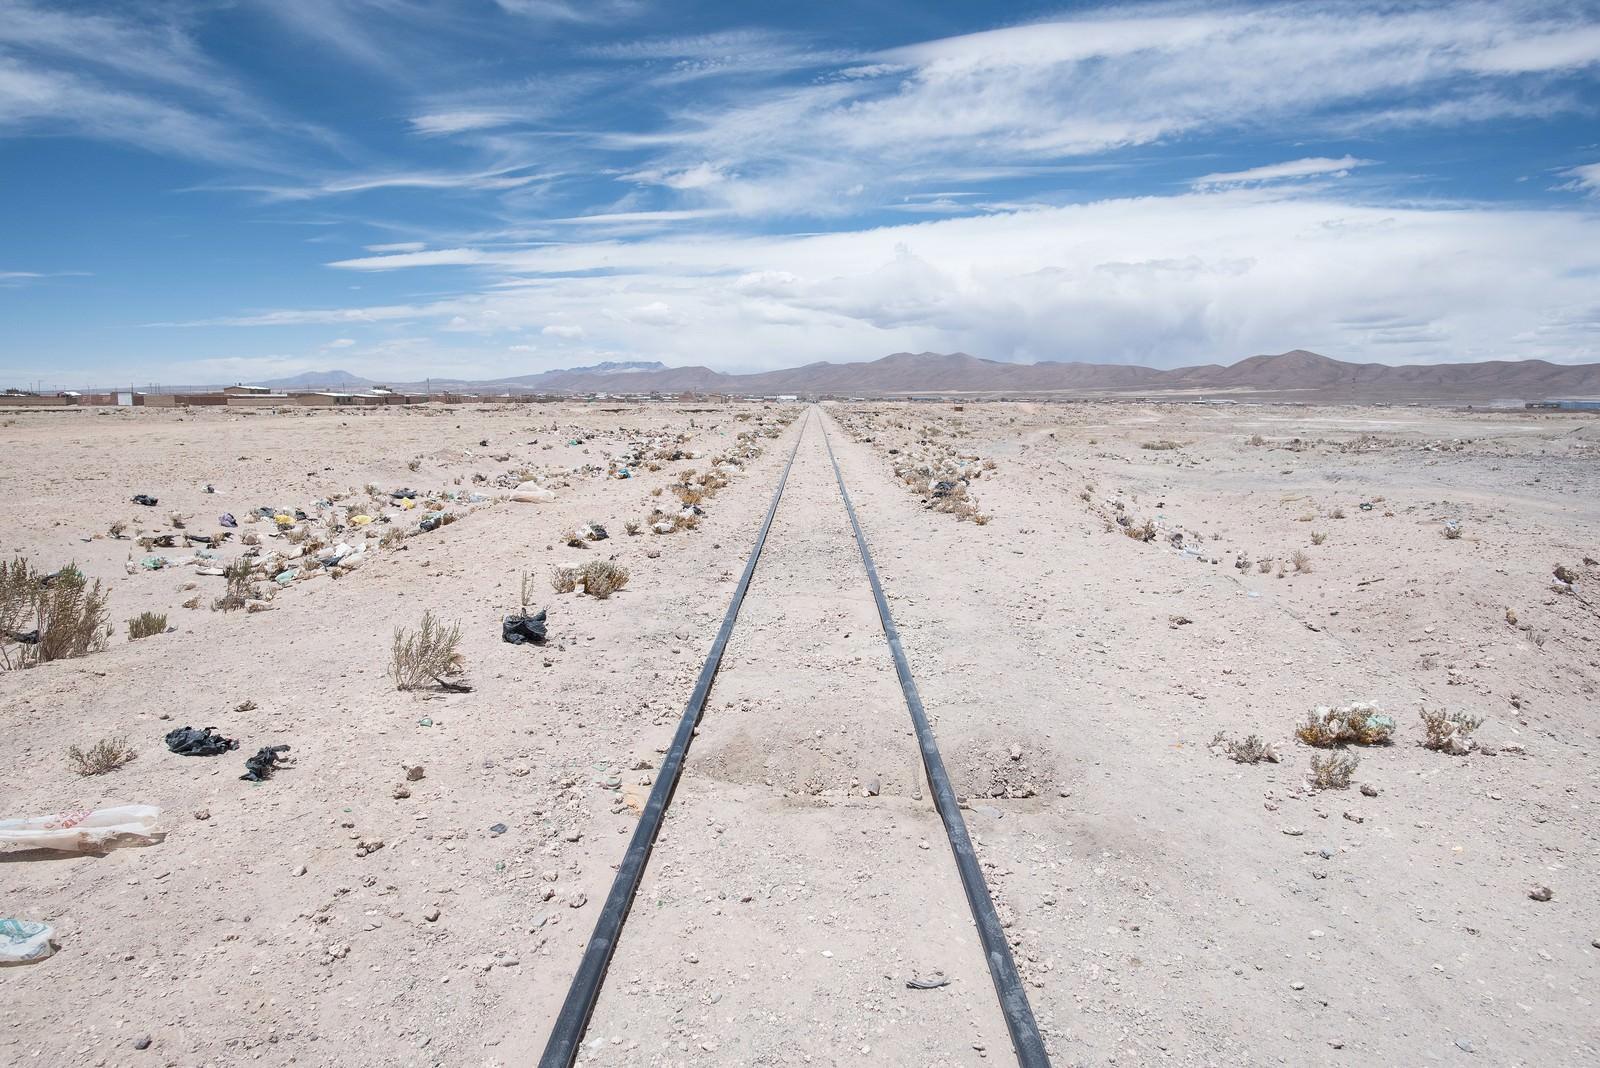 「列車の墓場の線路両脇にポイ捨てされたゴミ」の写真